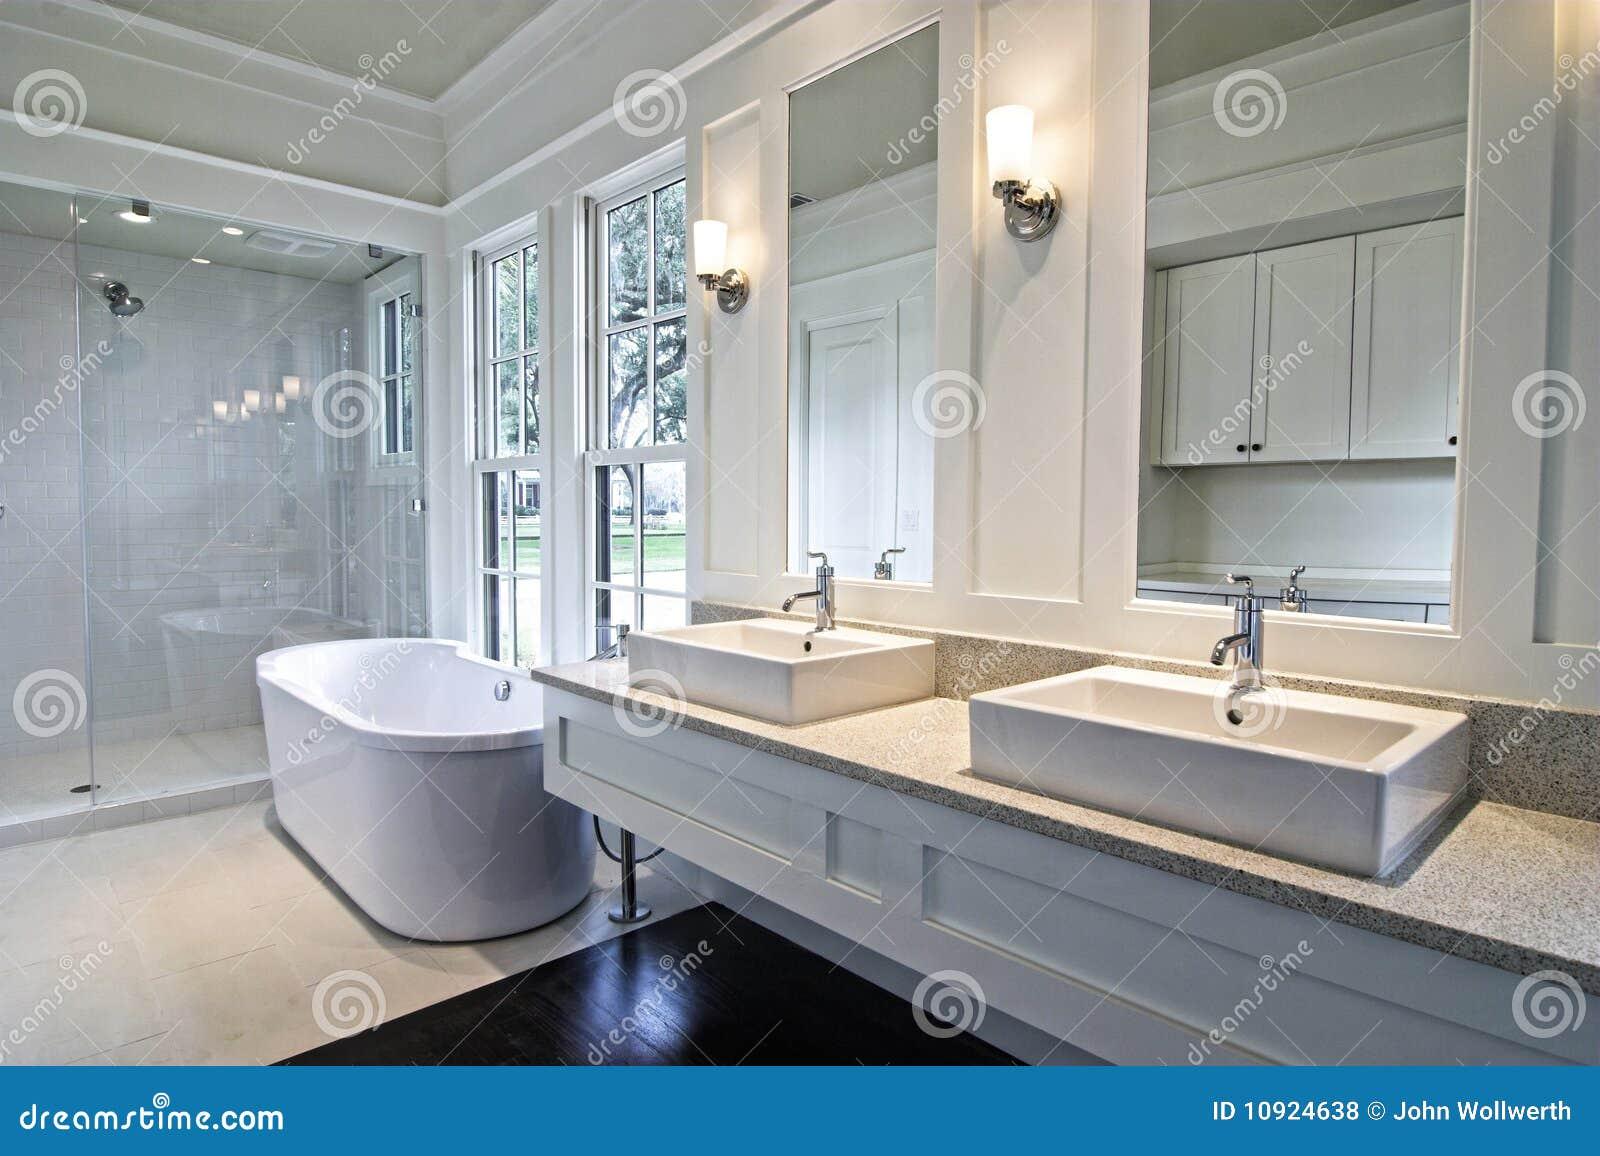 Banheiro Branco Moderno Fotos de Stock Royalty Free  Imagem 10924638 -> Banheiro Moderno Branco